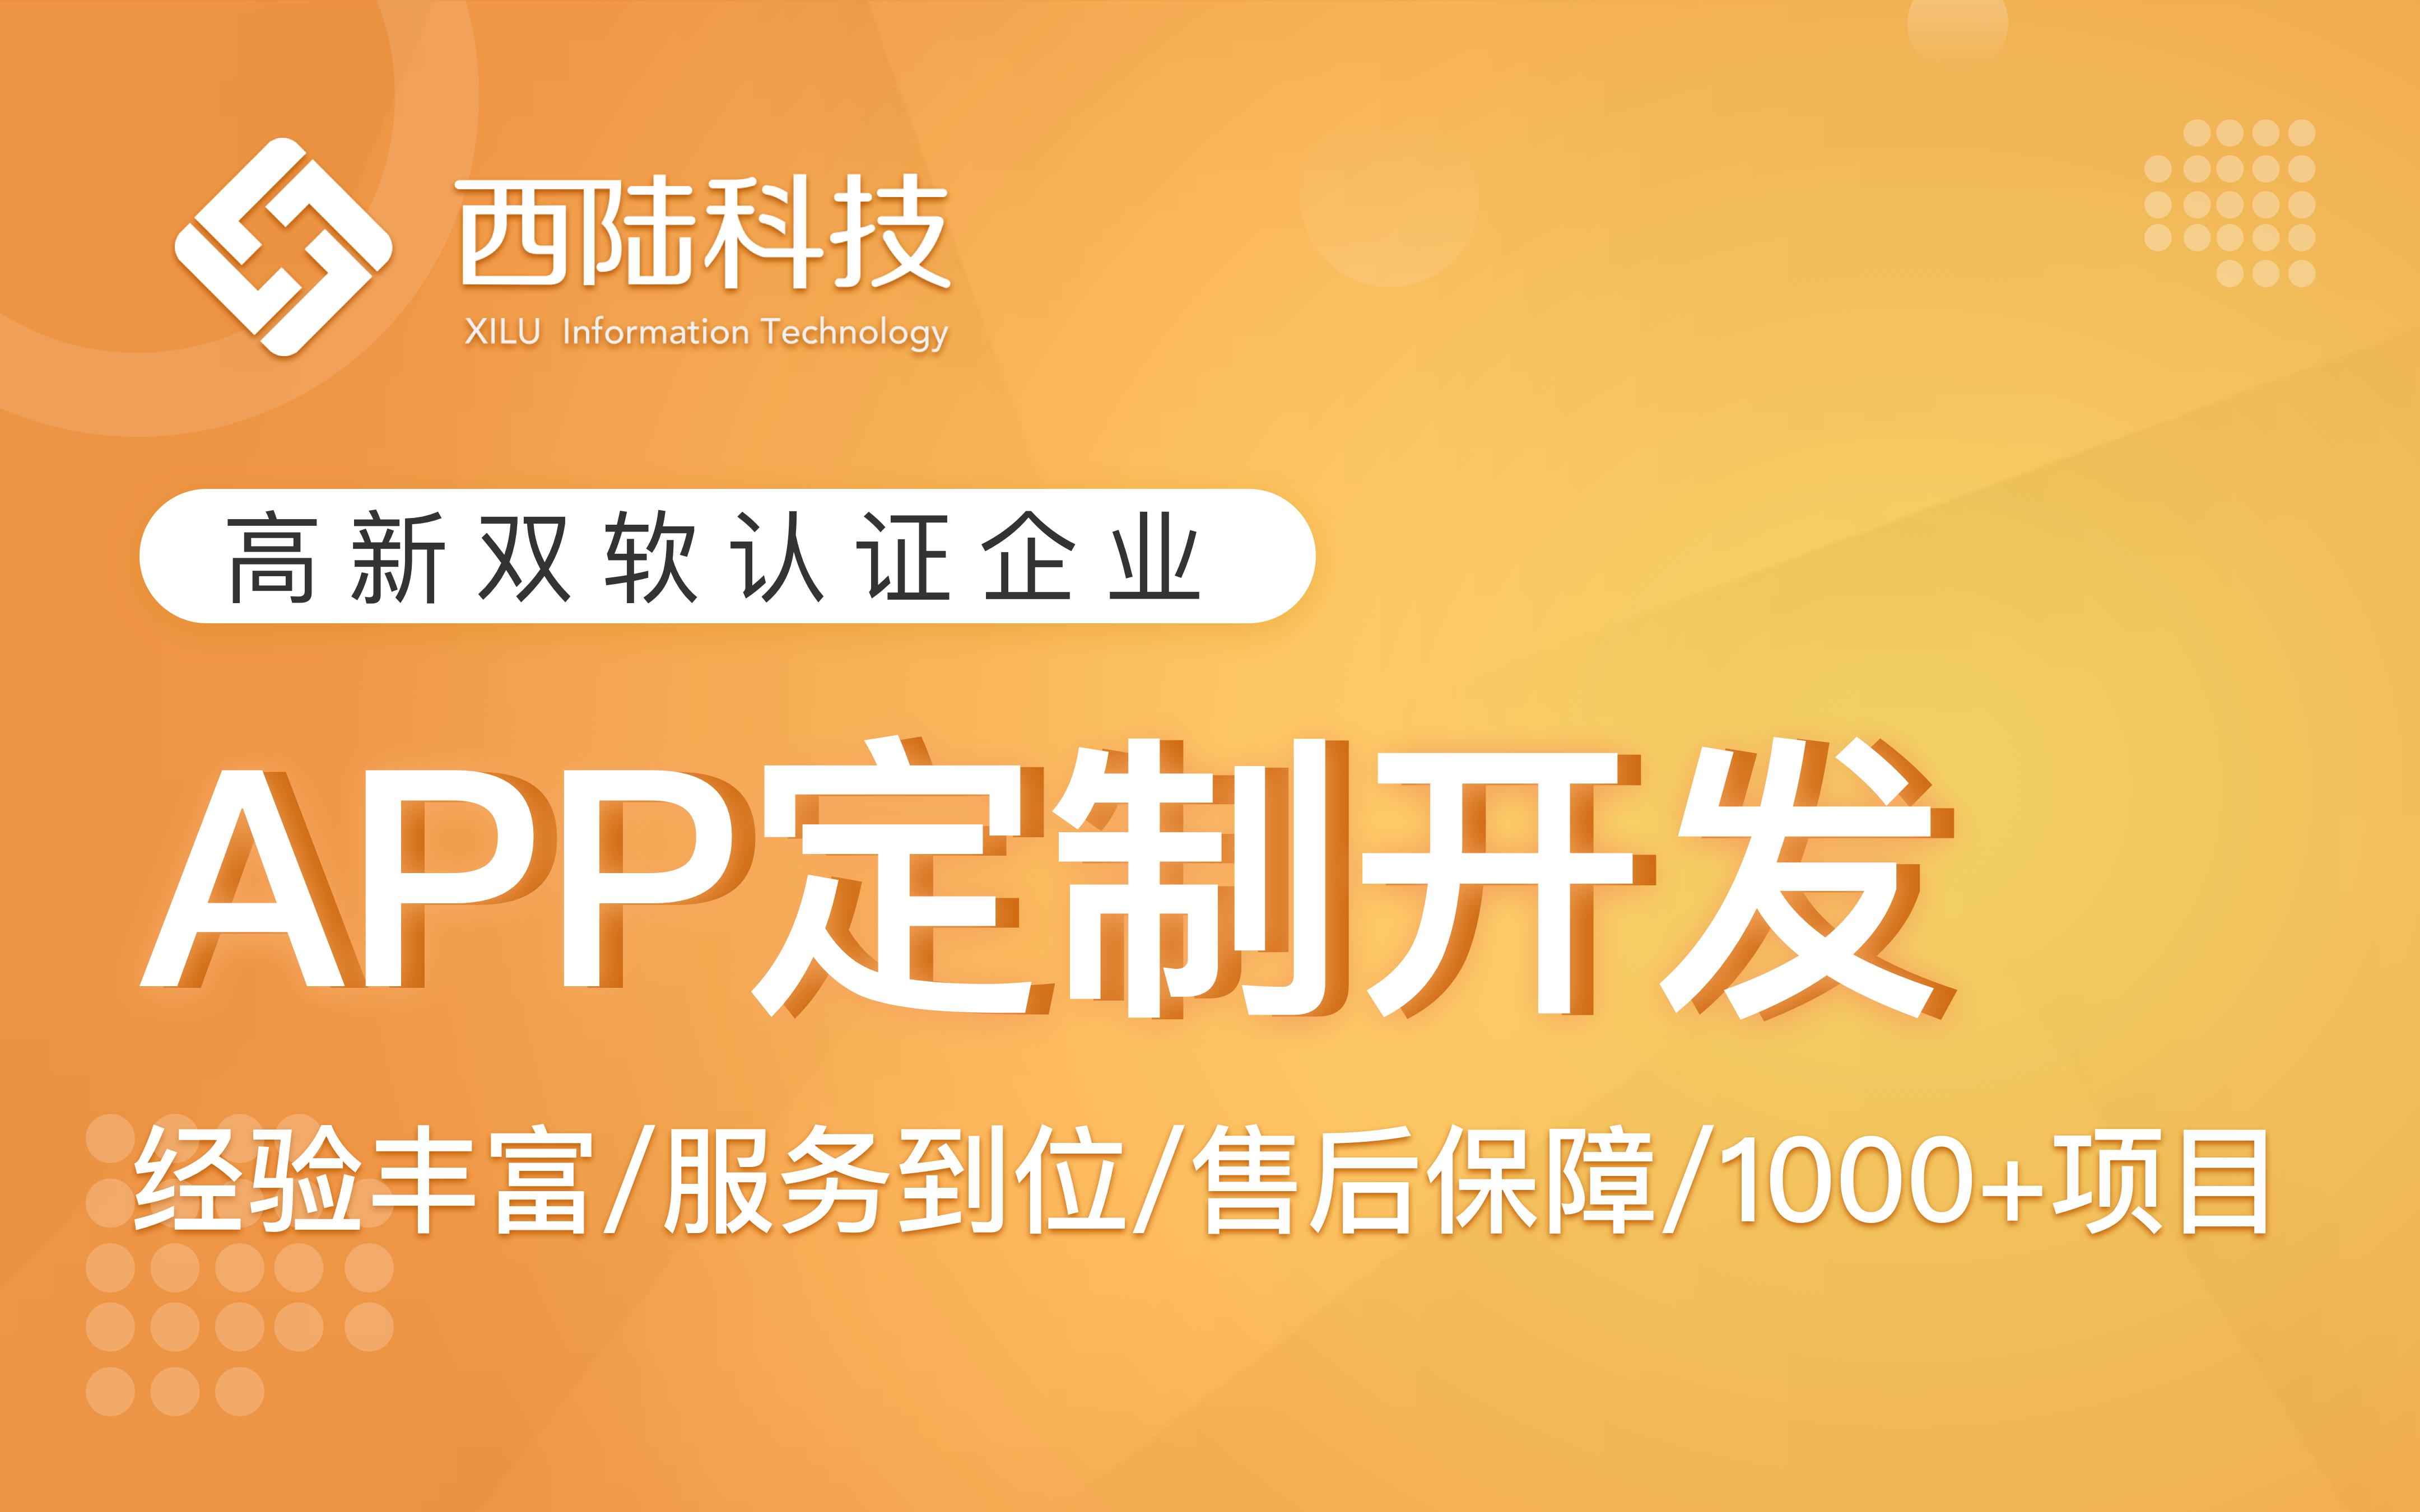 app定制开发、iOS、安卓应用、商城、教育、直播、餐饮